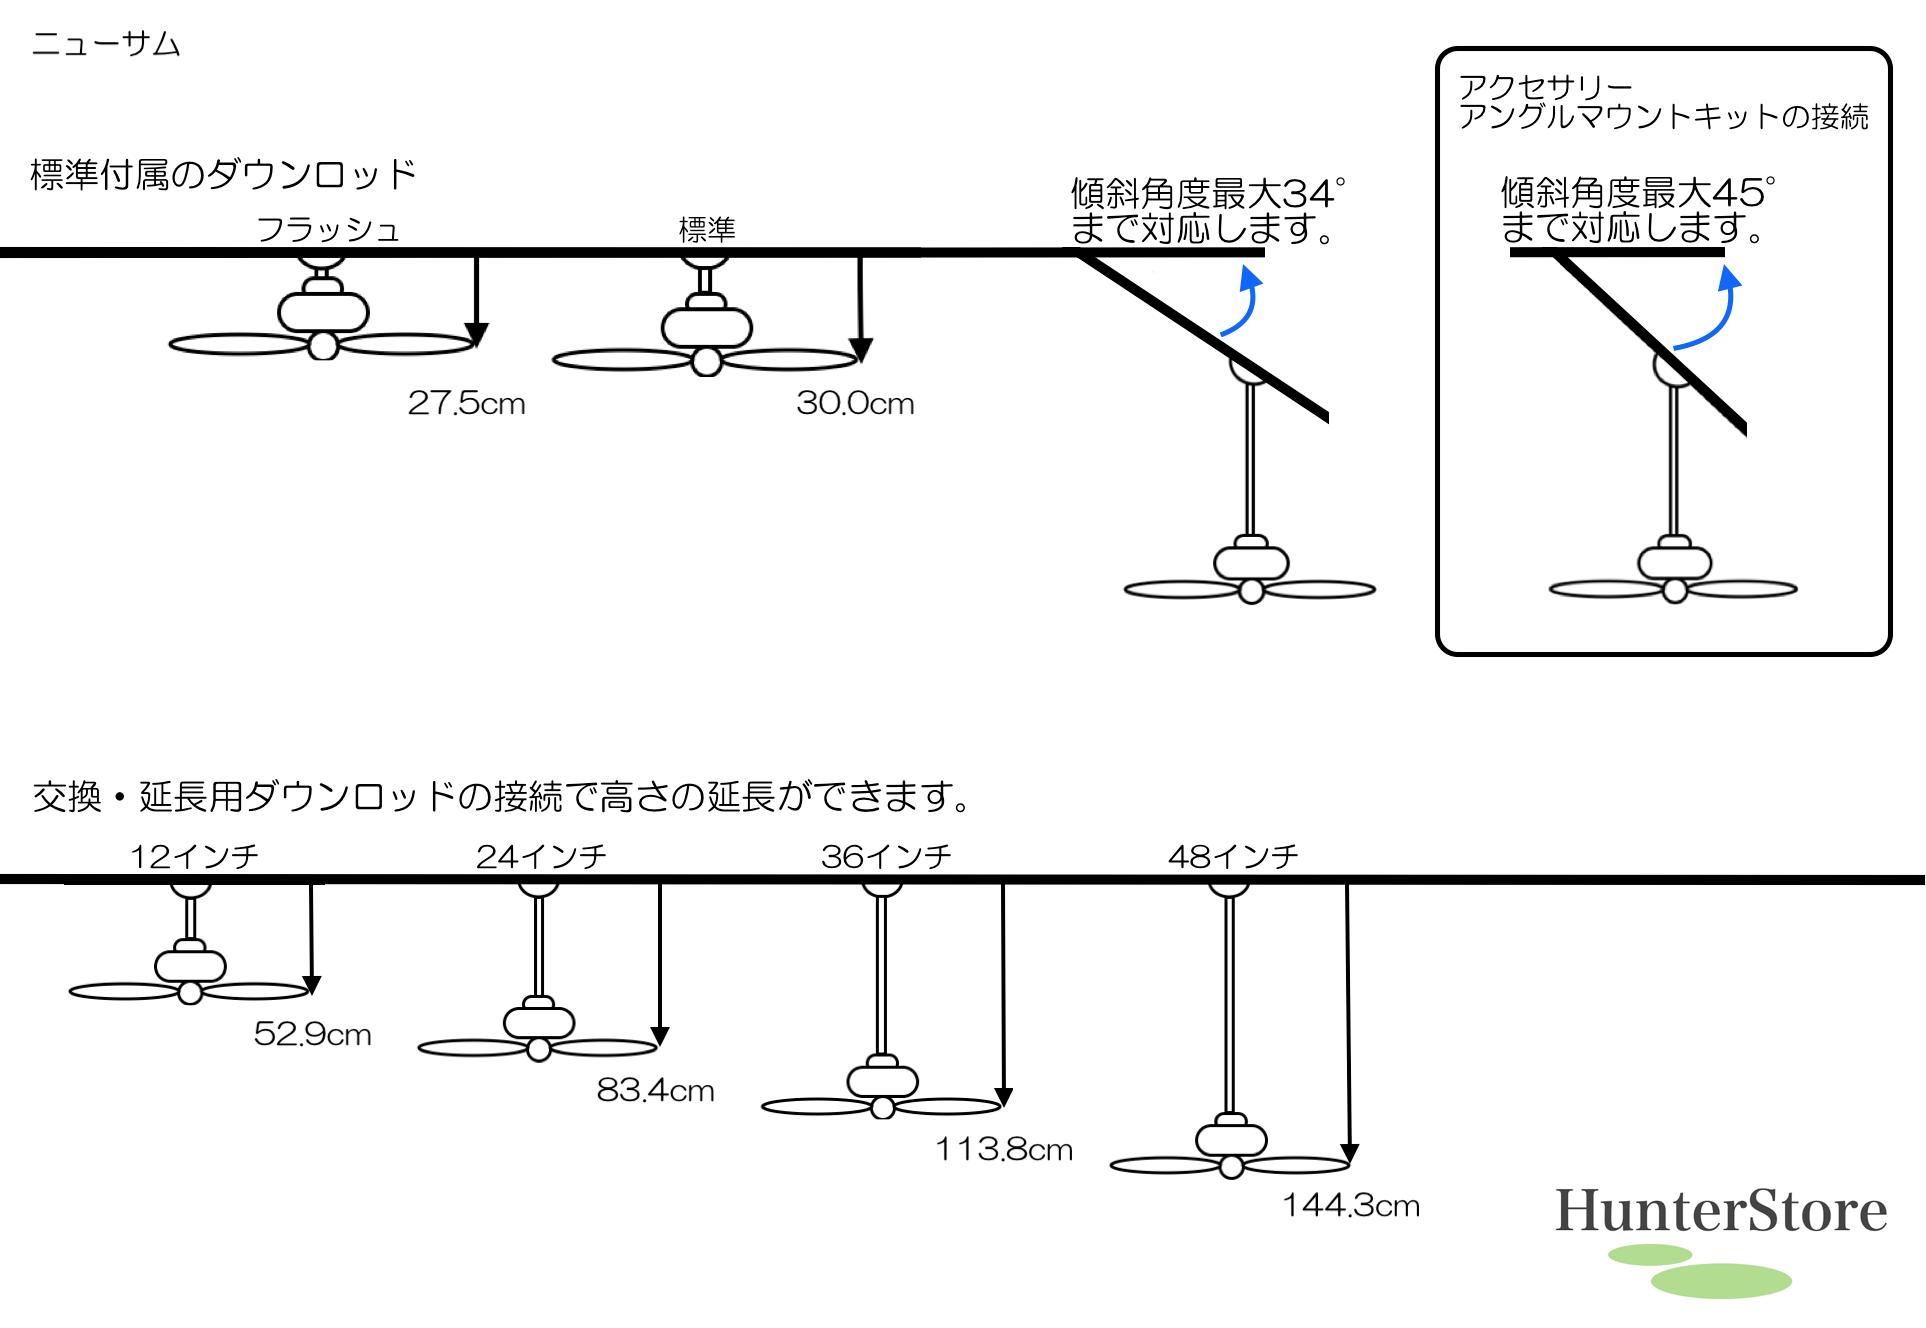 ニューサム 照明キット付【壁コントローラ・36㌅91cmダウンロッド付】 - 画像2